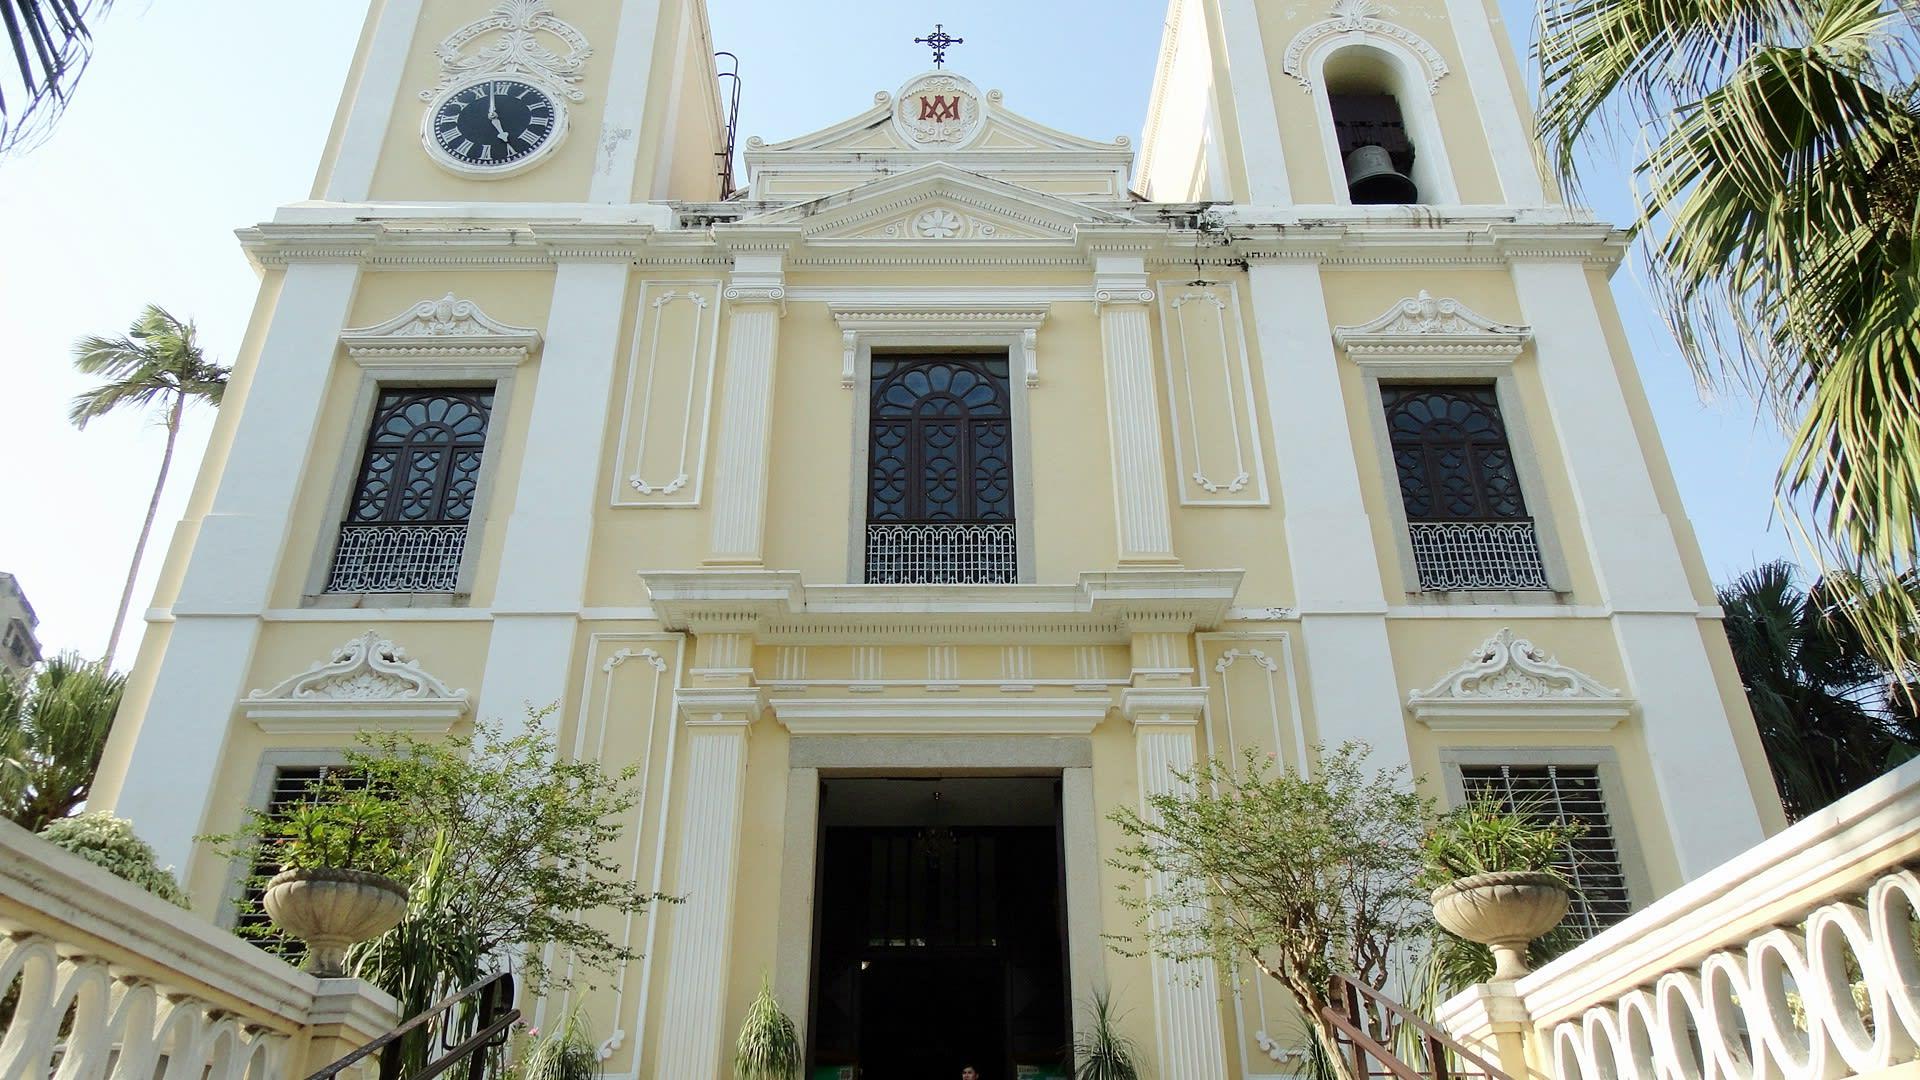 澳門歷史城區-聖老楞佐教堂(澳門三大古老教堂之一)